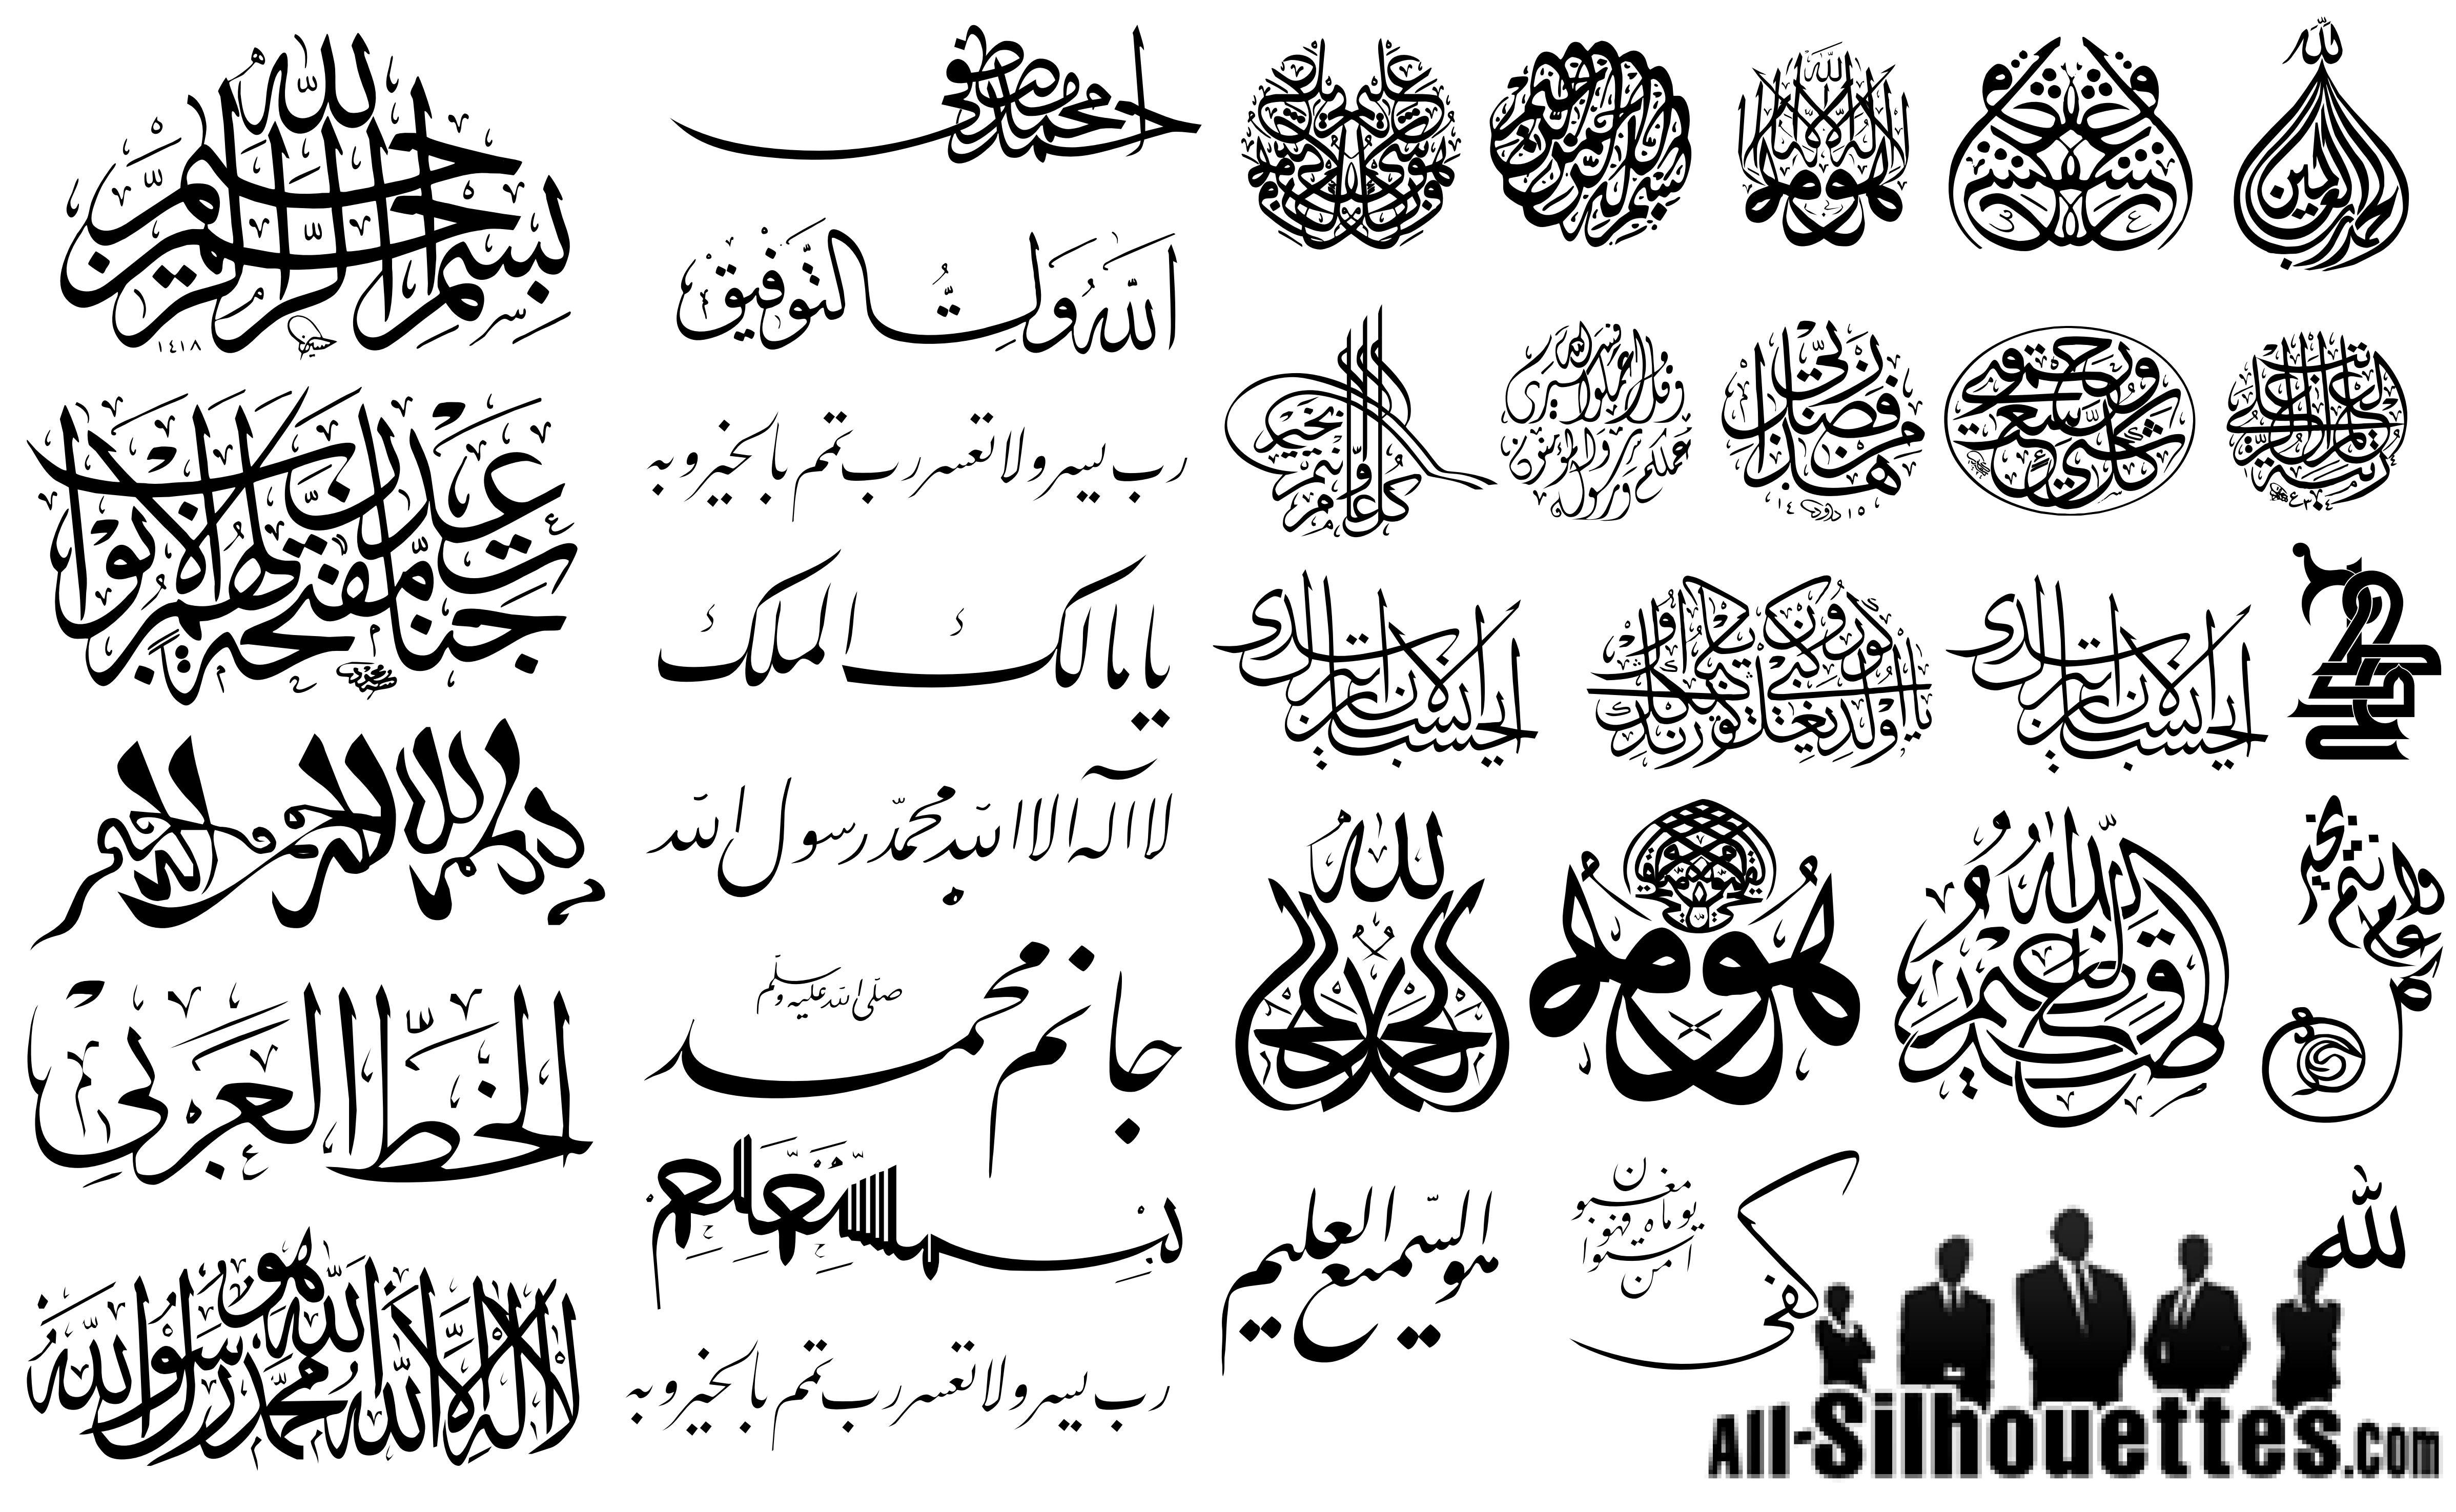 Download clipart arabic picture transparent download Clipart islamic download - ClipartFox picture transparent download